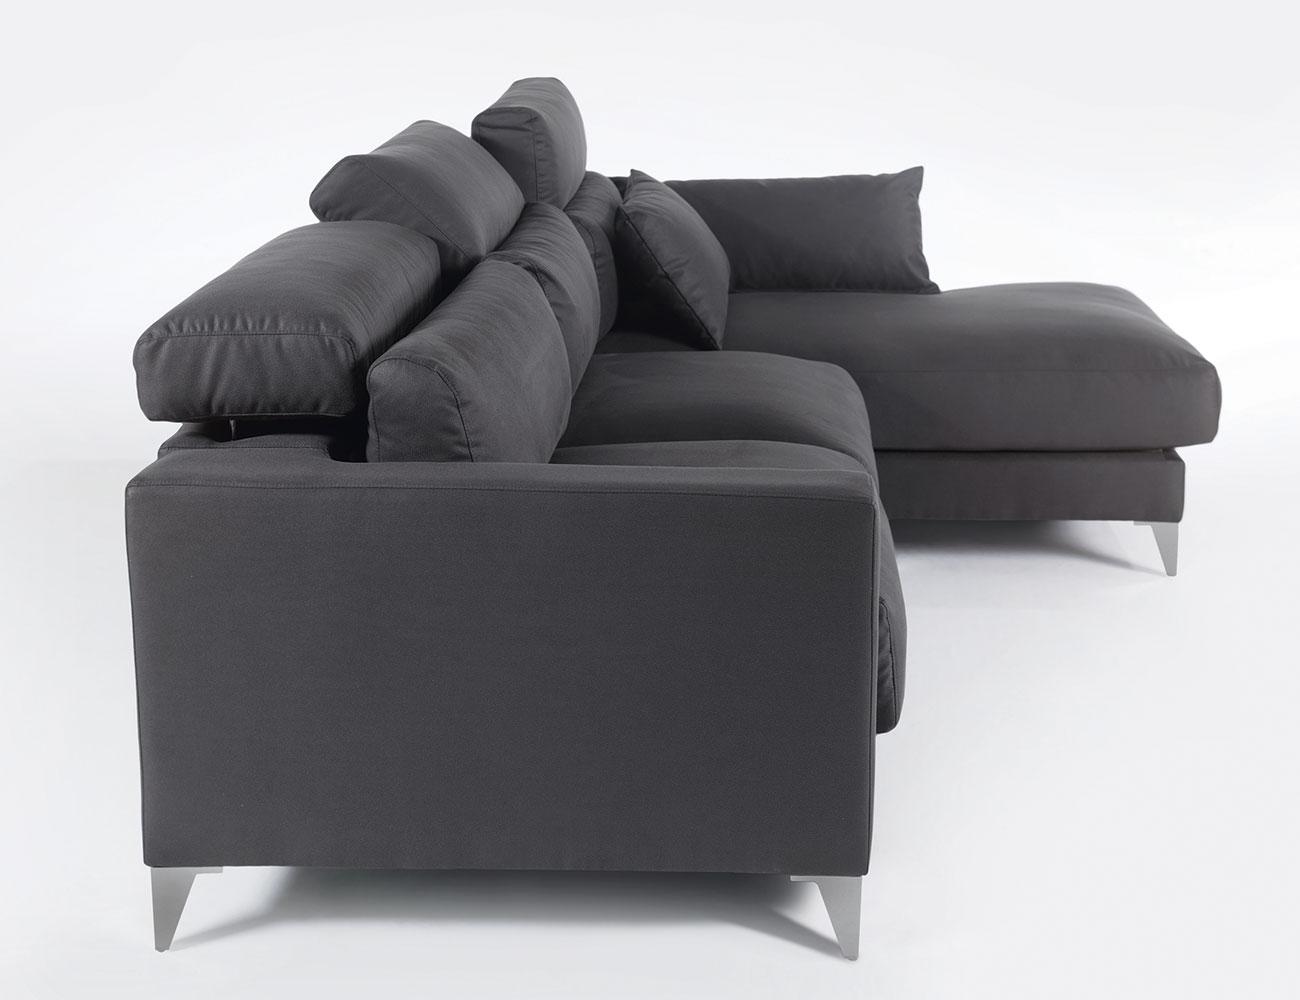 Sofa chaiselongue gran lujo decorativo grafito 11